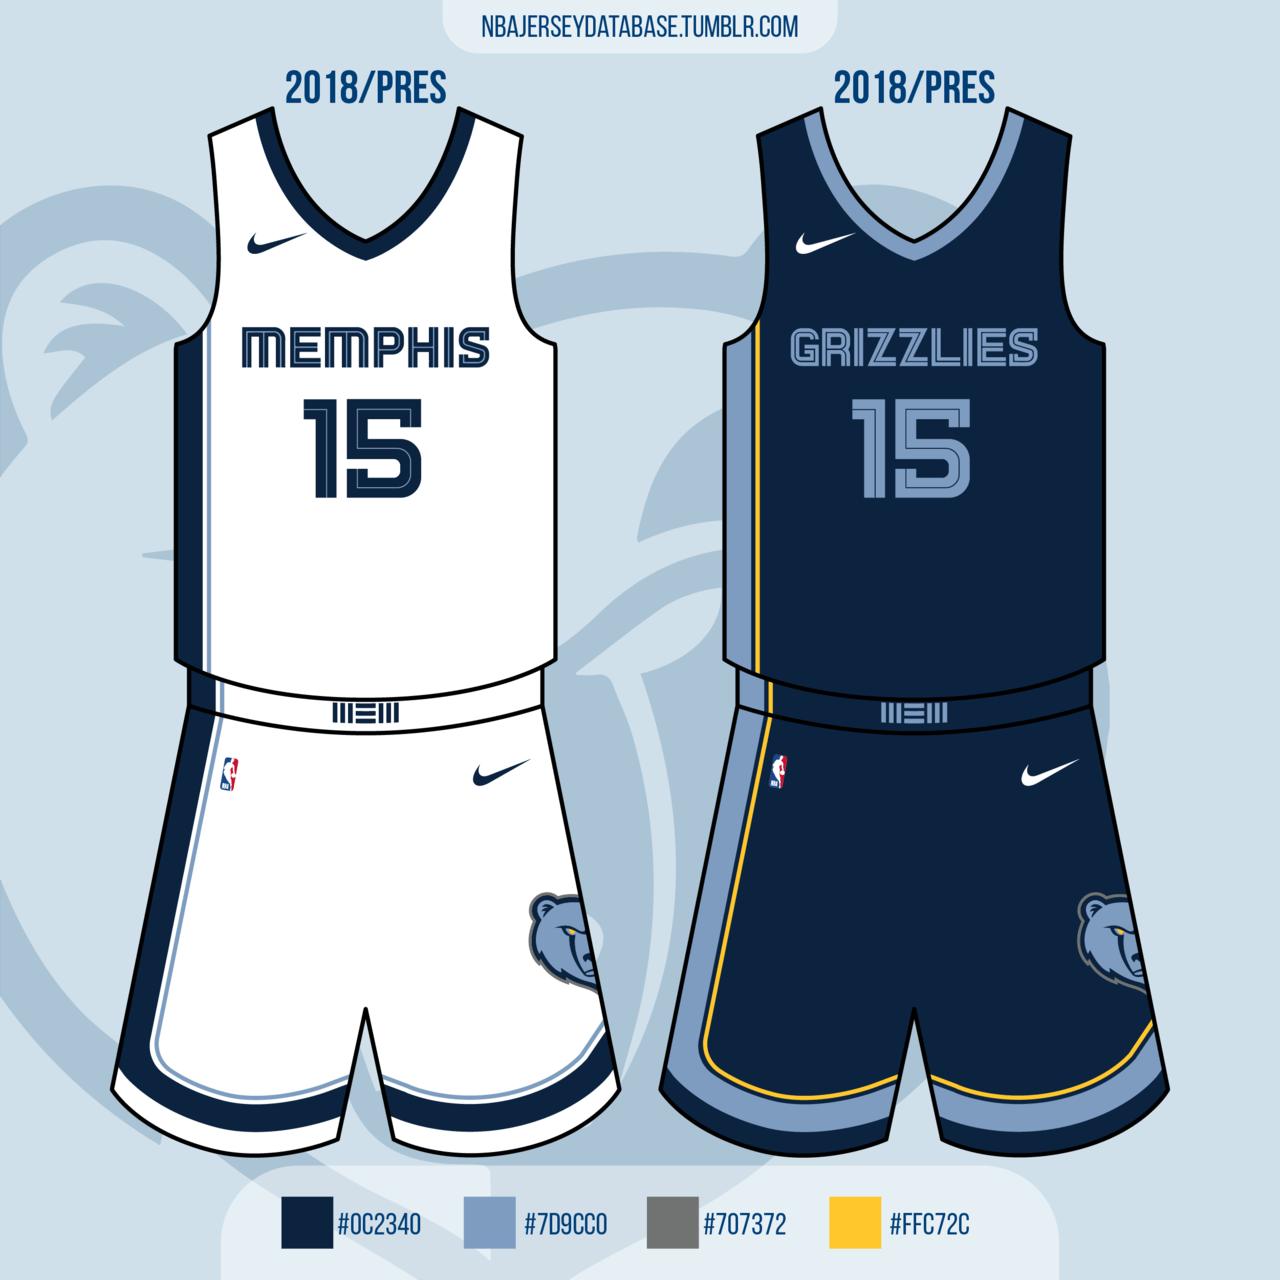 Memphis Grizzles 2018-Pres